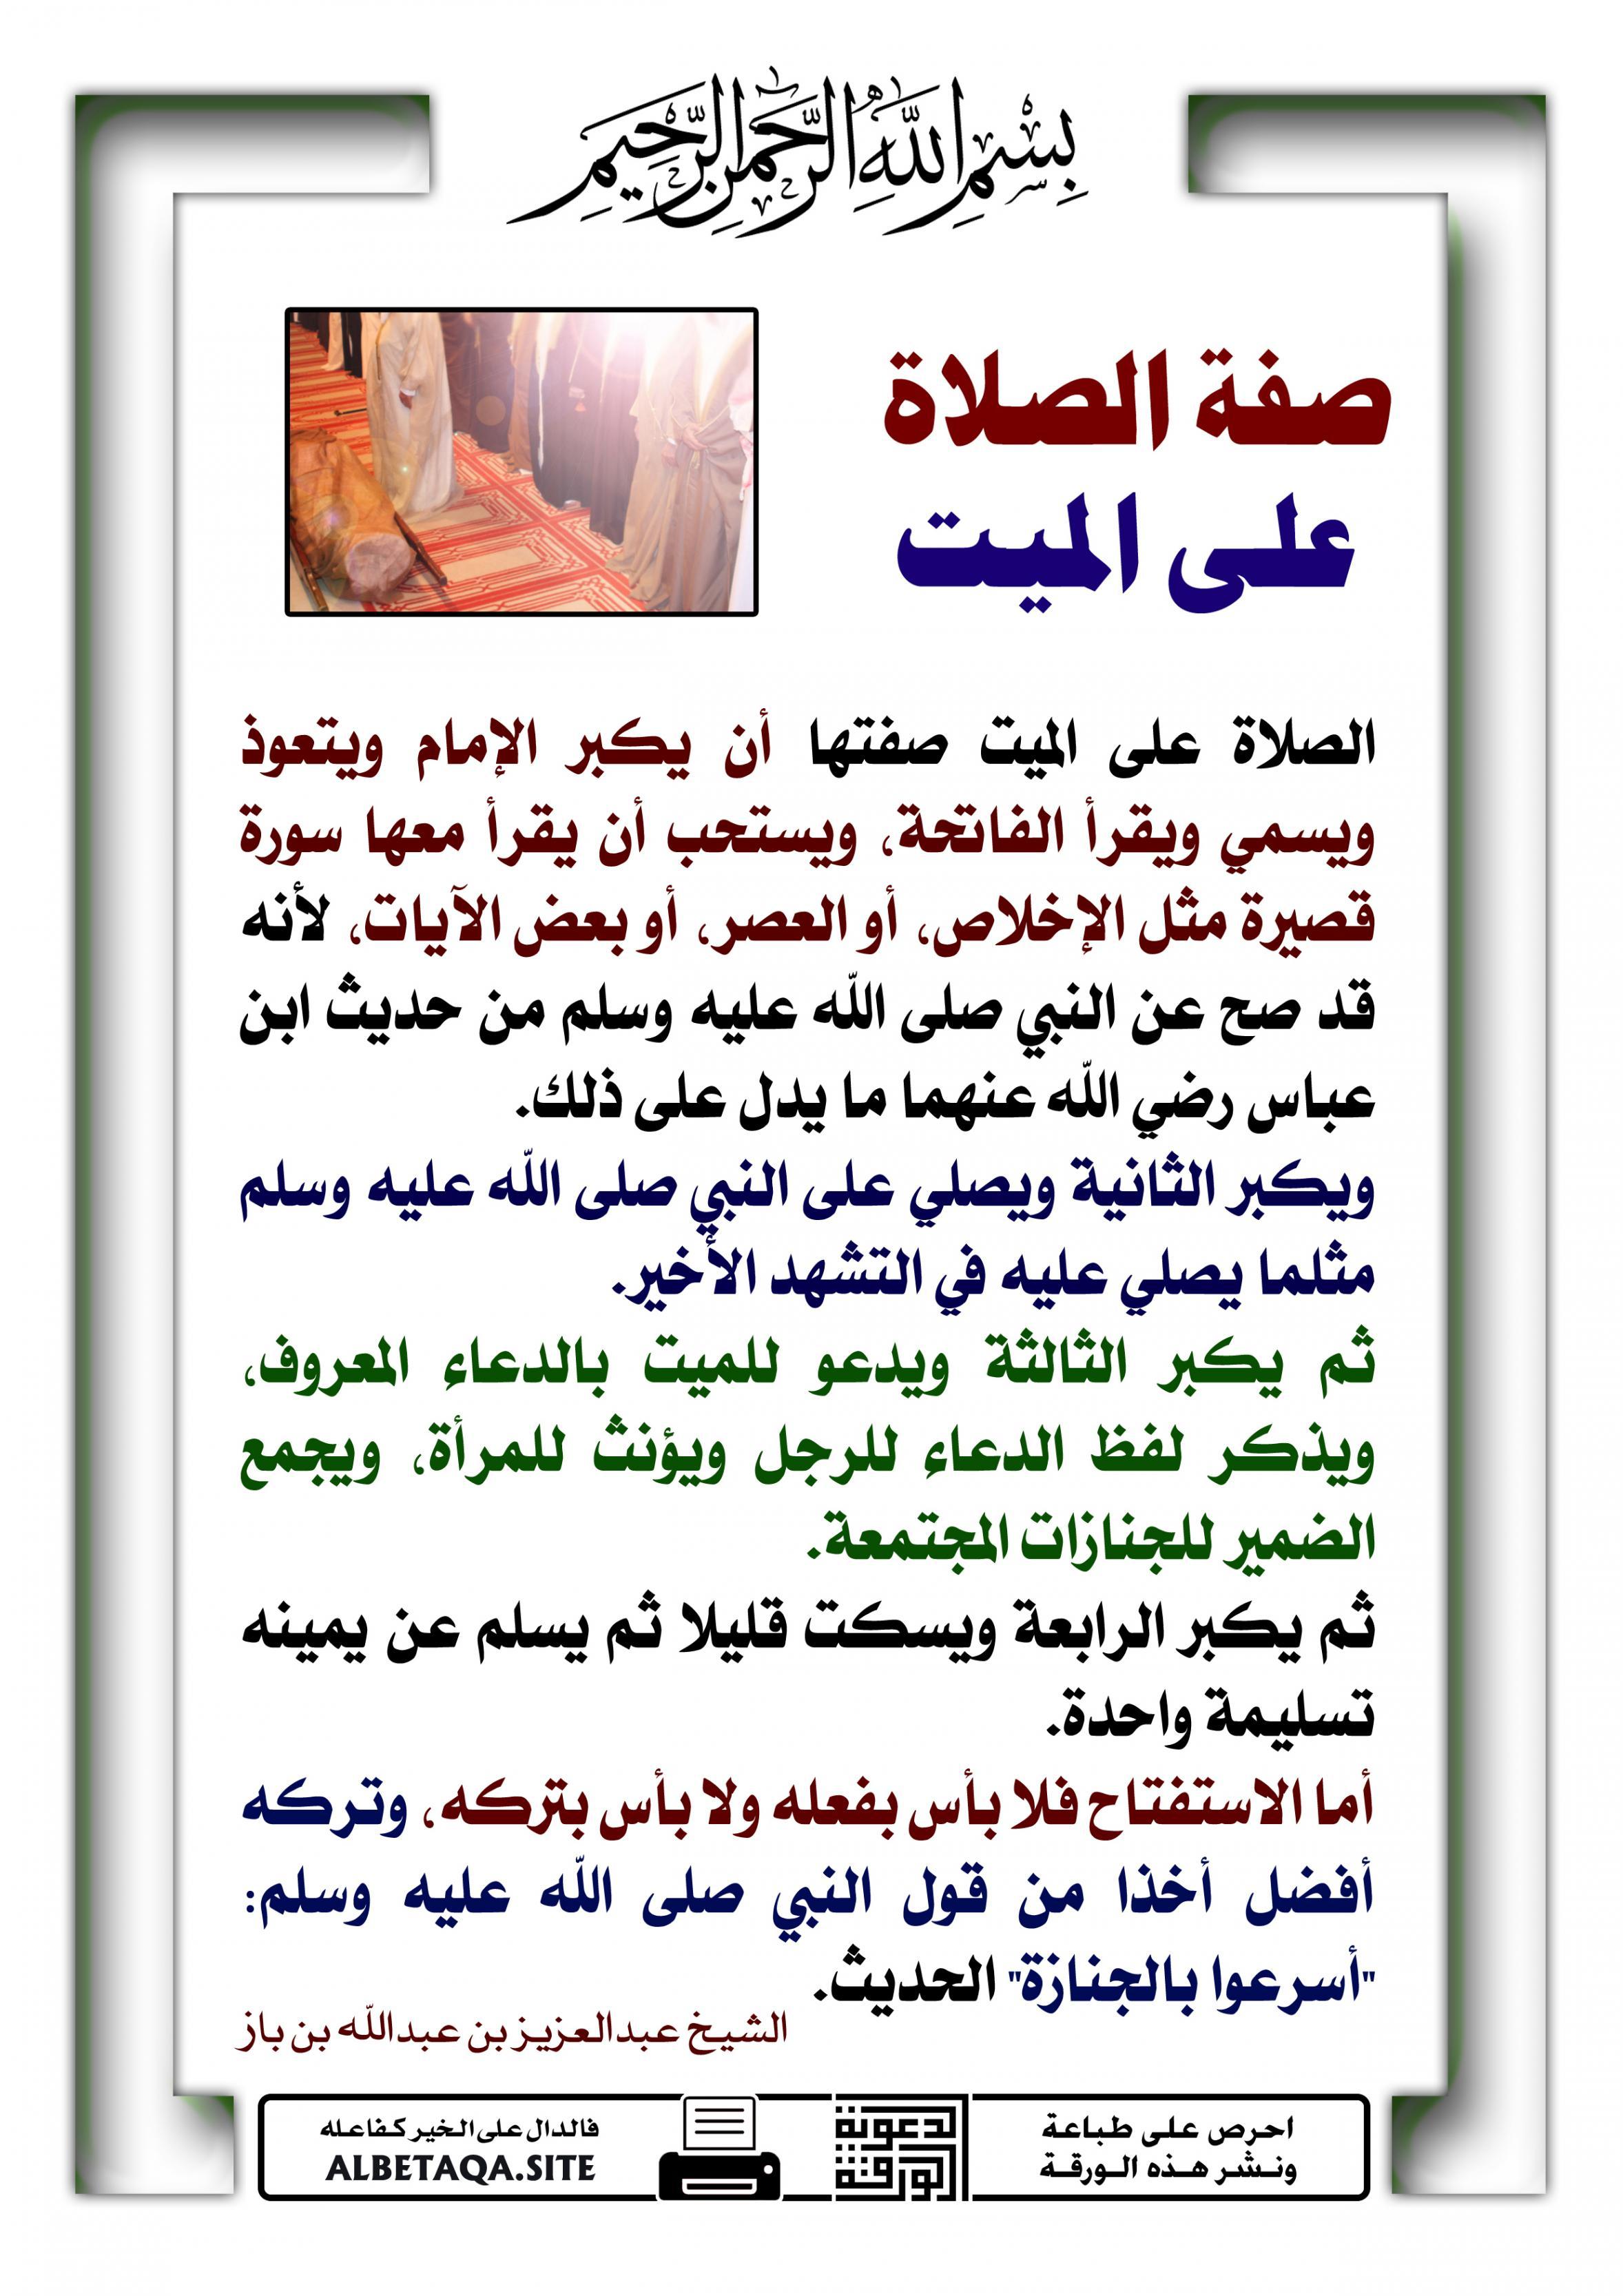 صور الصلاة على الميت , الطريقه الصحيحه للصلاه الجنازه